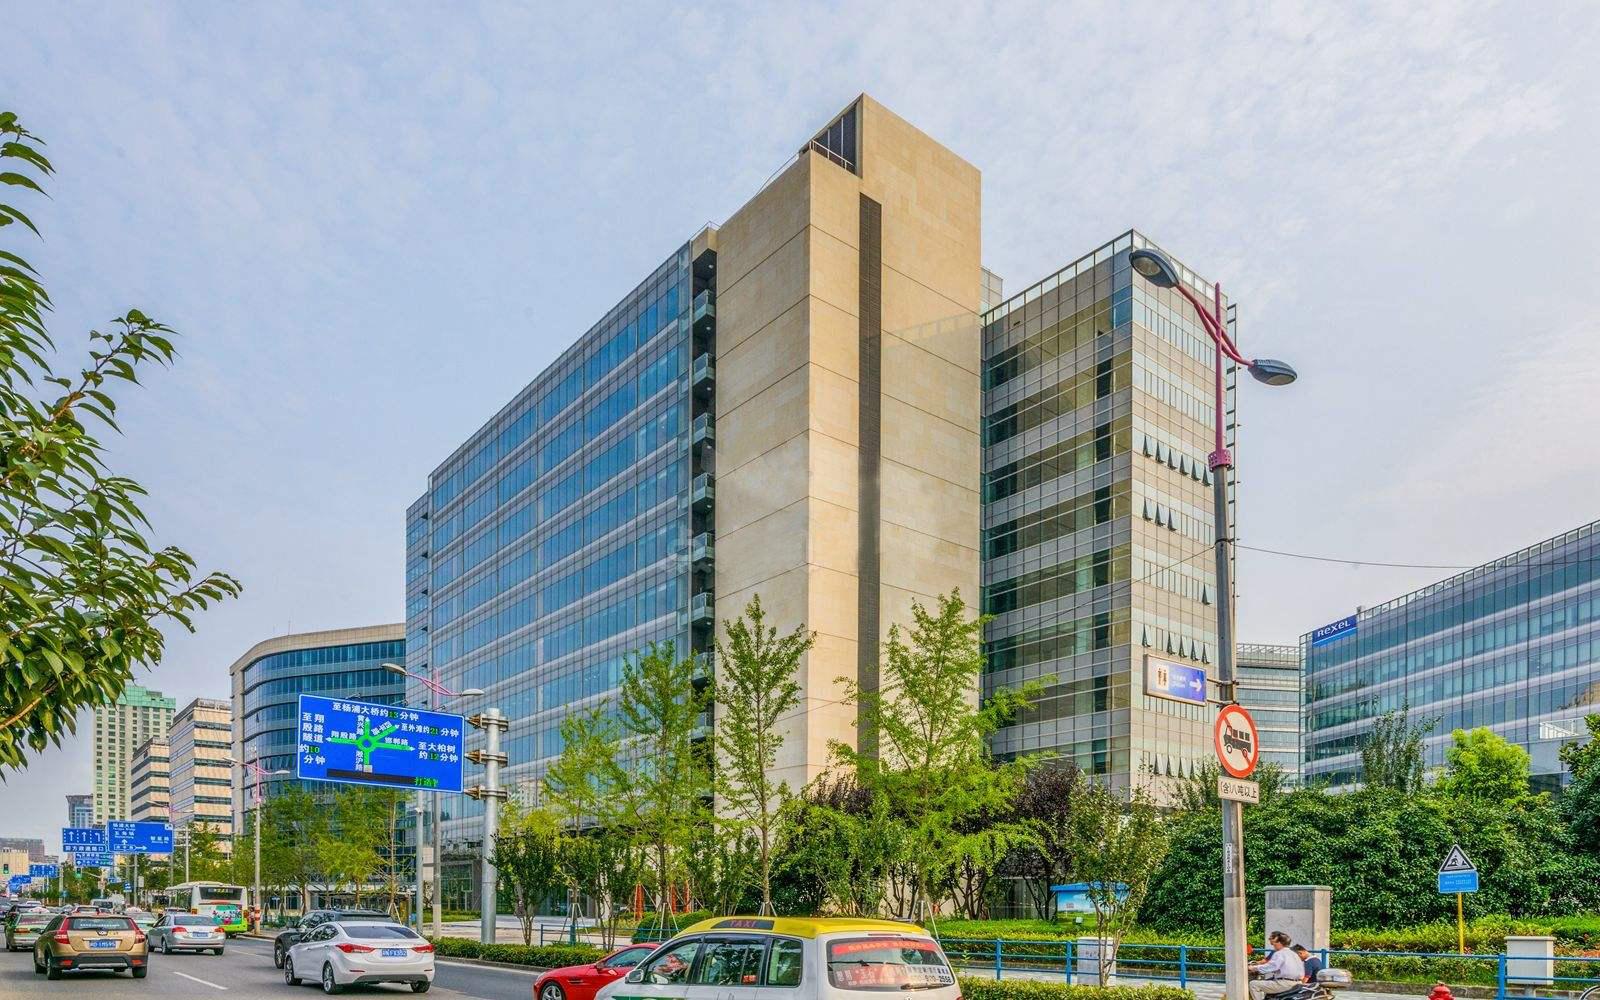 上海创智天地广场玻璃幕墙、石材幕墙设计效果图案例